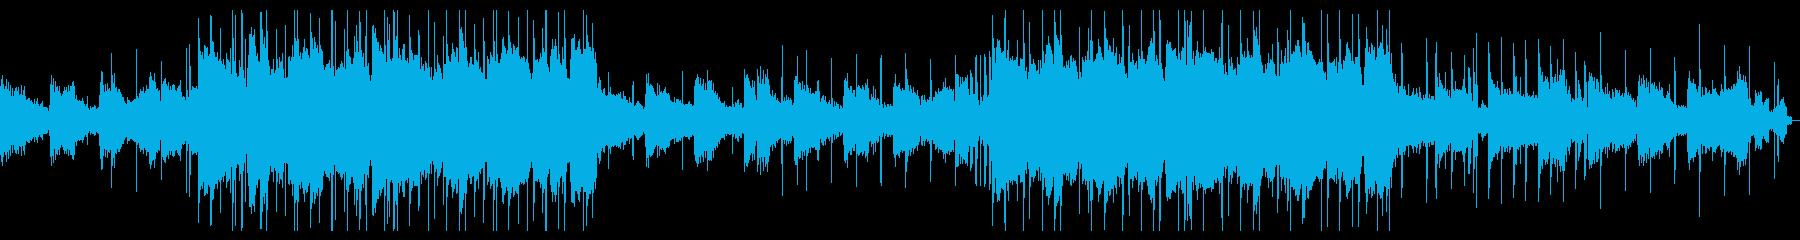 Lofiな癒し系CHILL HIPHOPの再生済みの波形